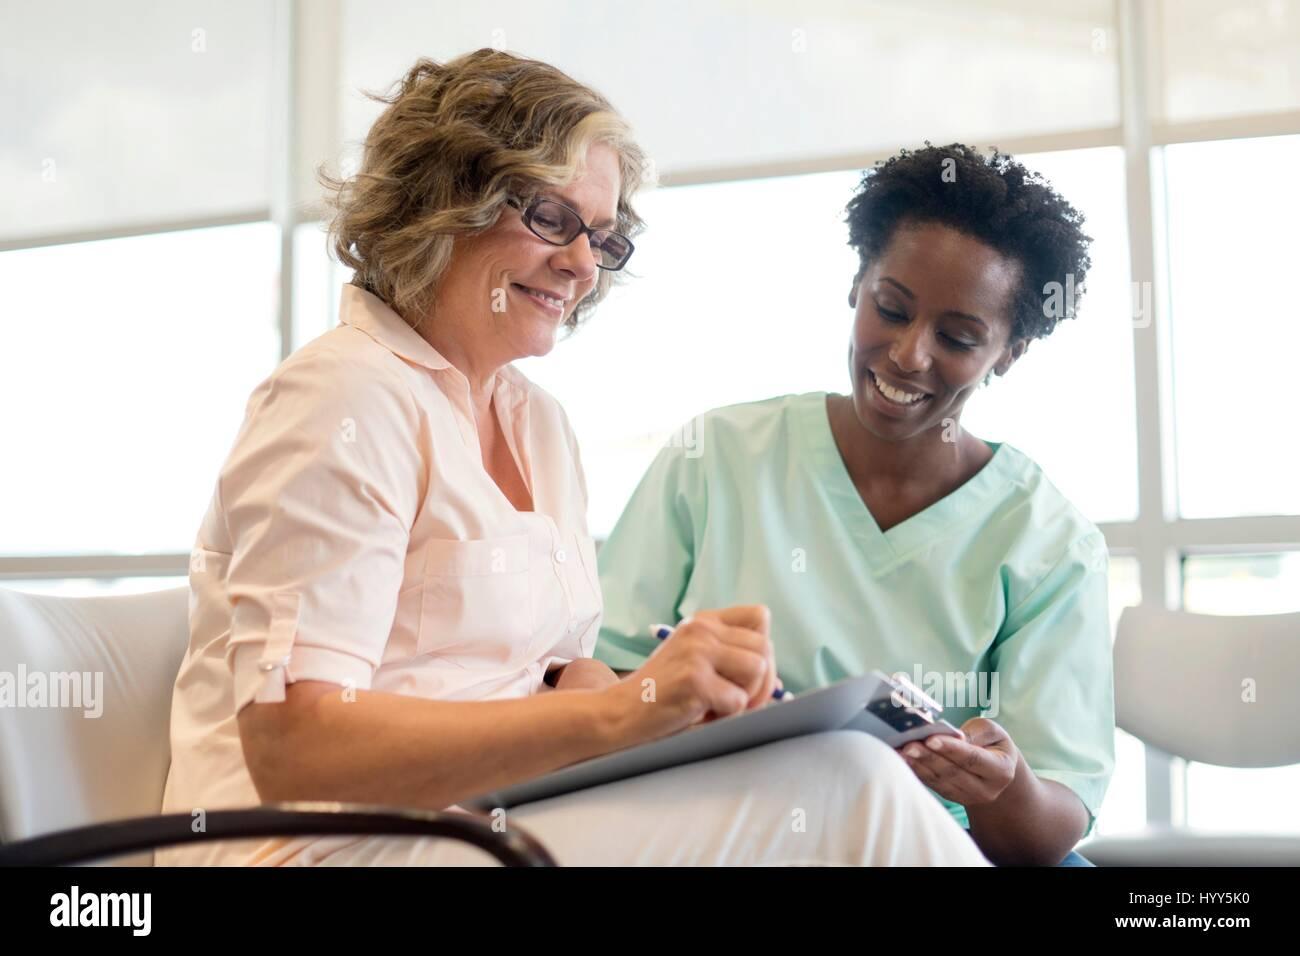 Reife Frau mit Krankenschwester, lächelnd ausfüllen. Stockbild